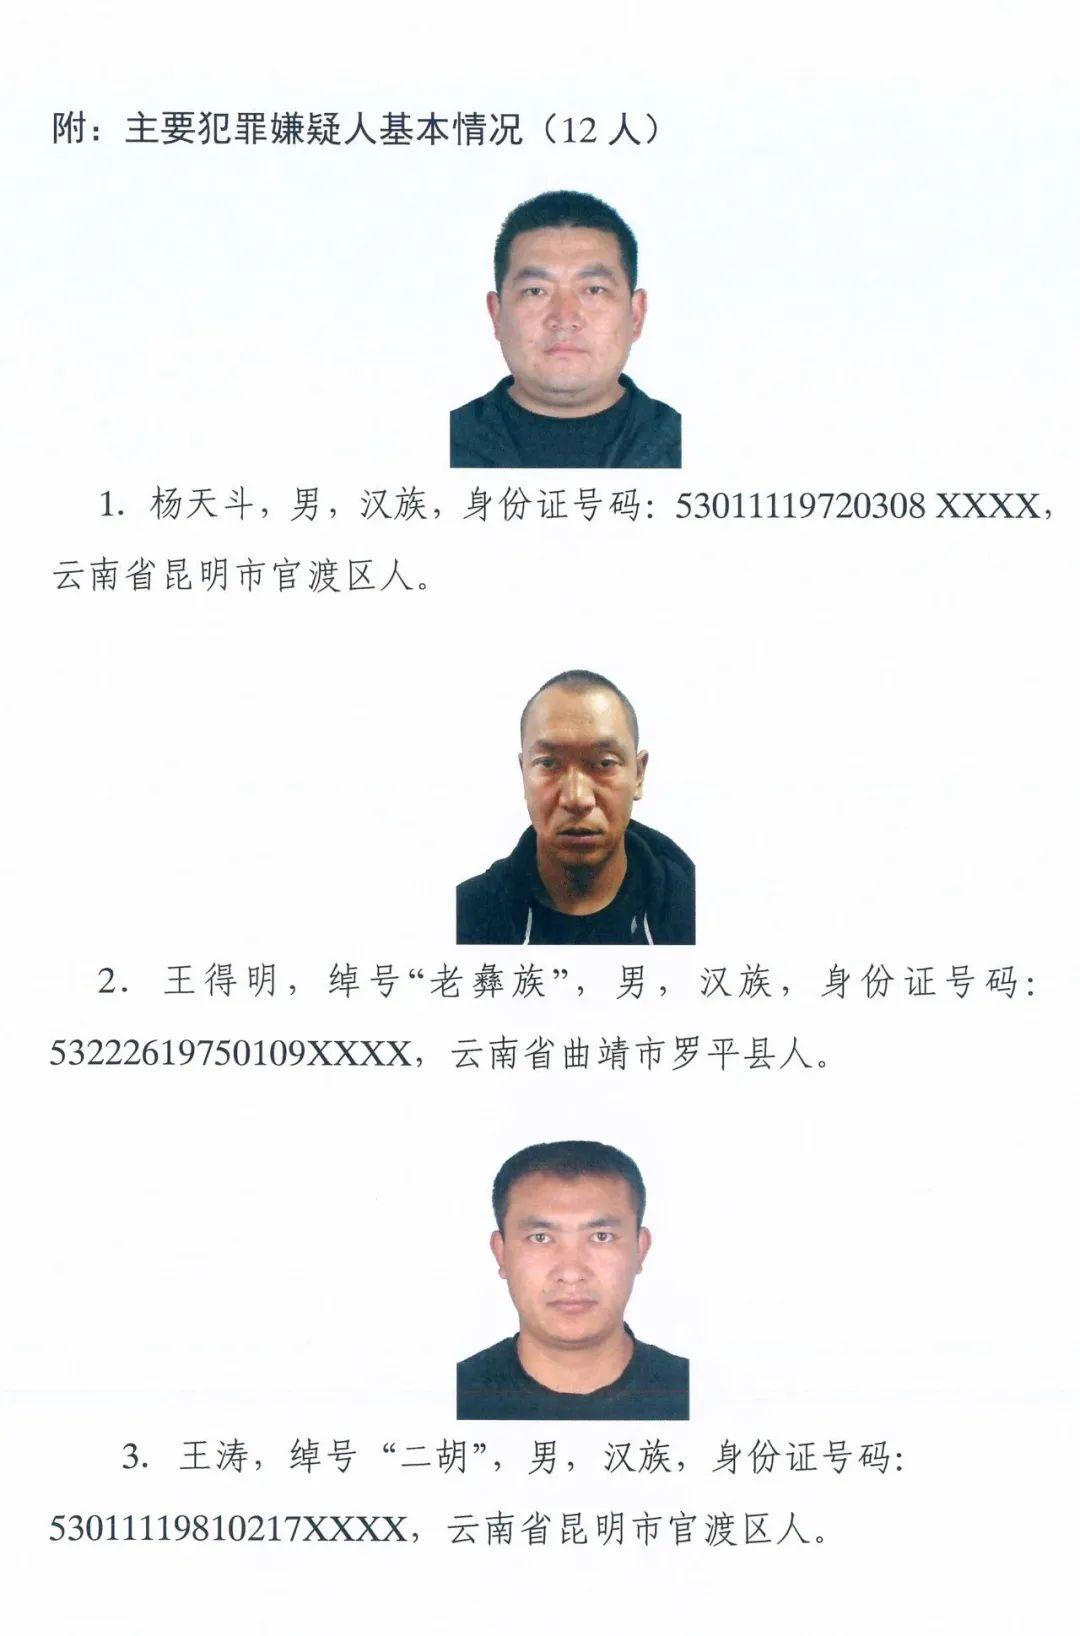 非法拘禁、强奸、敲诈勒索…有这12人的线索赶紧向昆明警方举报